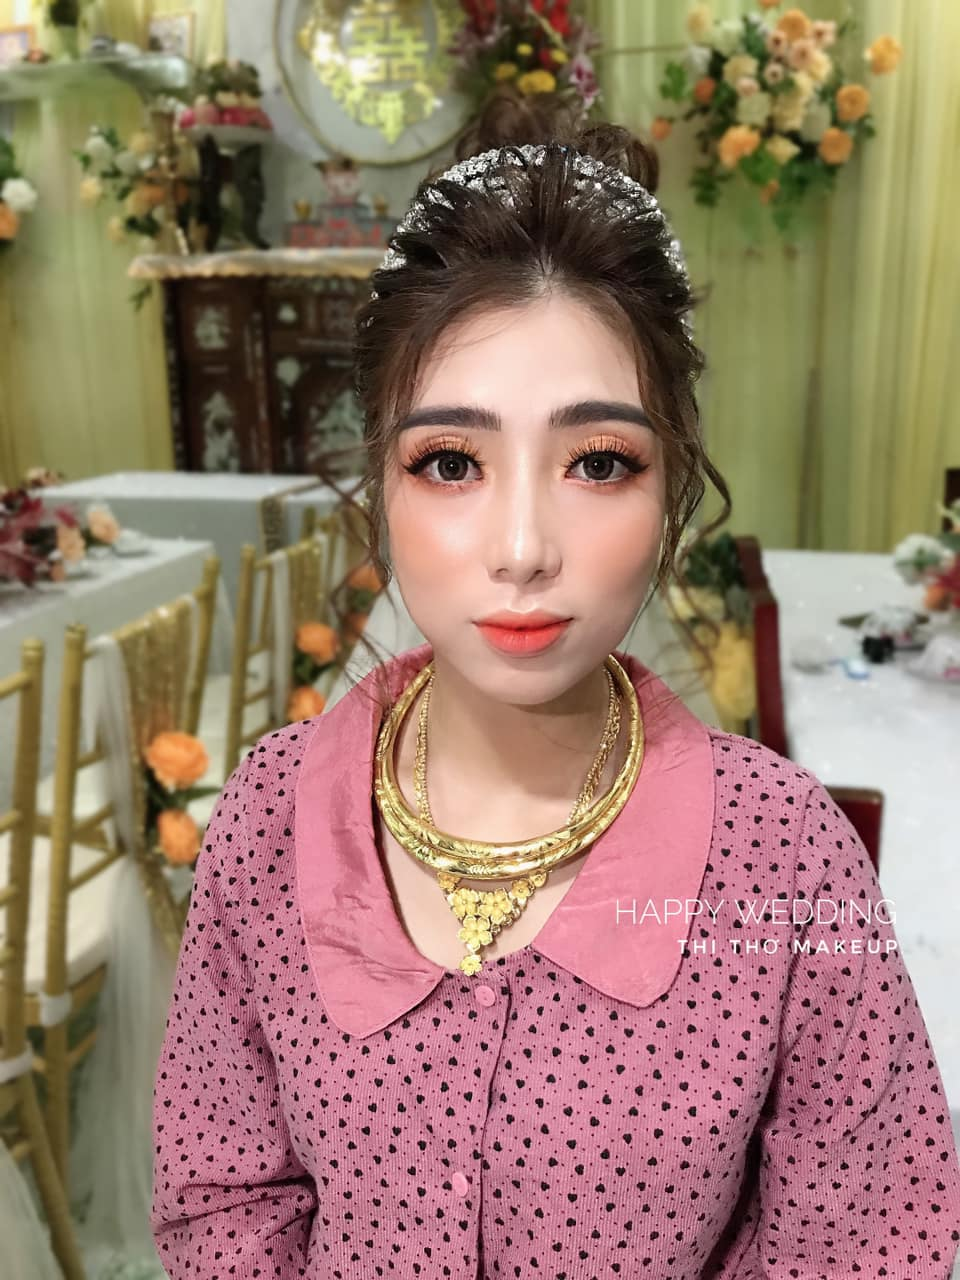 Top 7 tiệm trang điểm cô dâu đẹp nhất tại Tiền Giang -  Thi Thơ Makeup